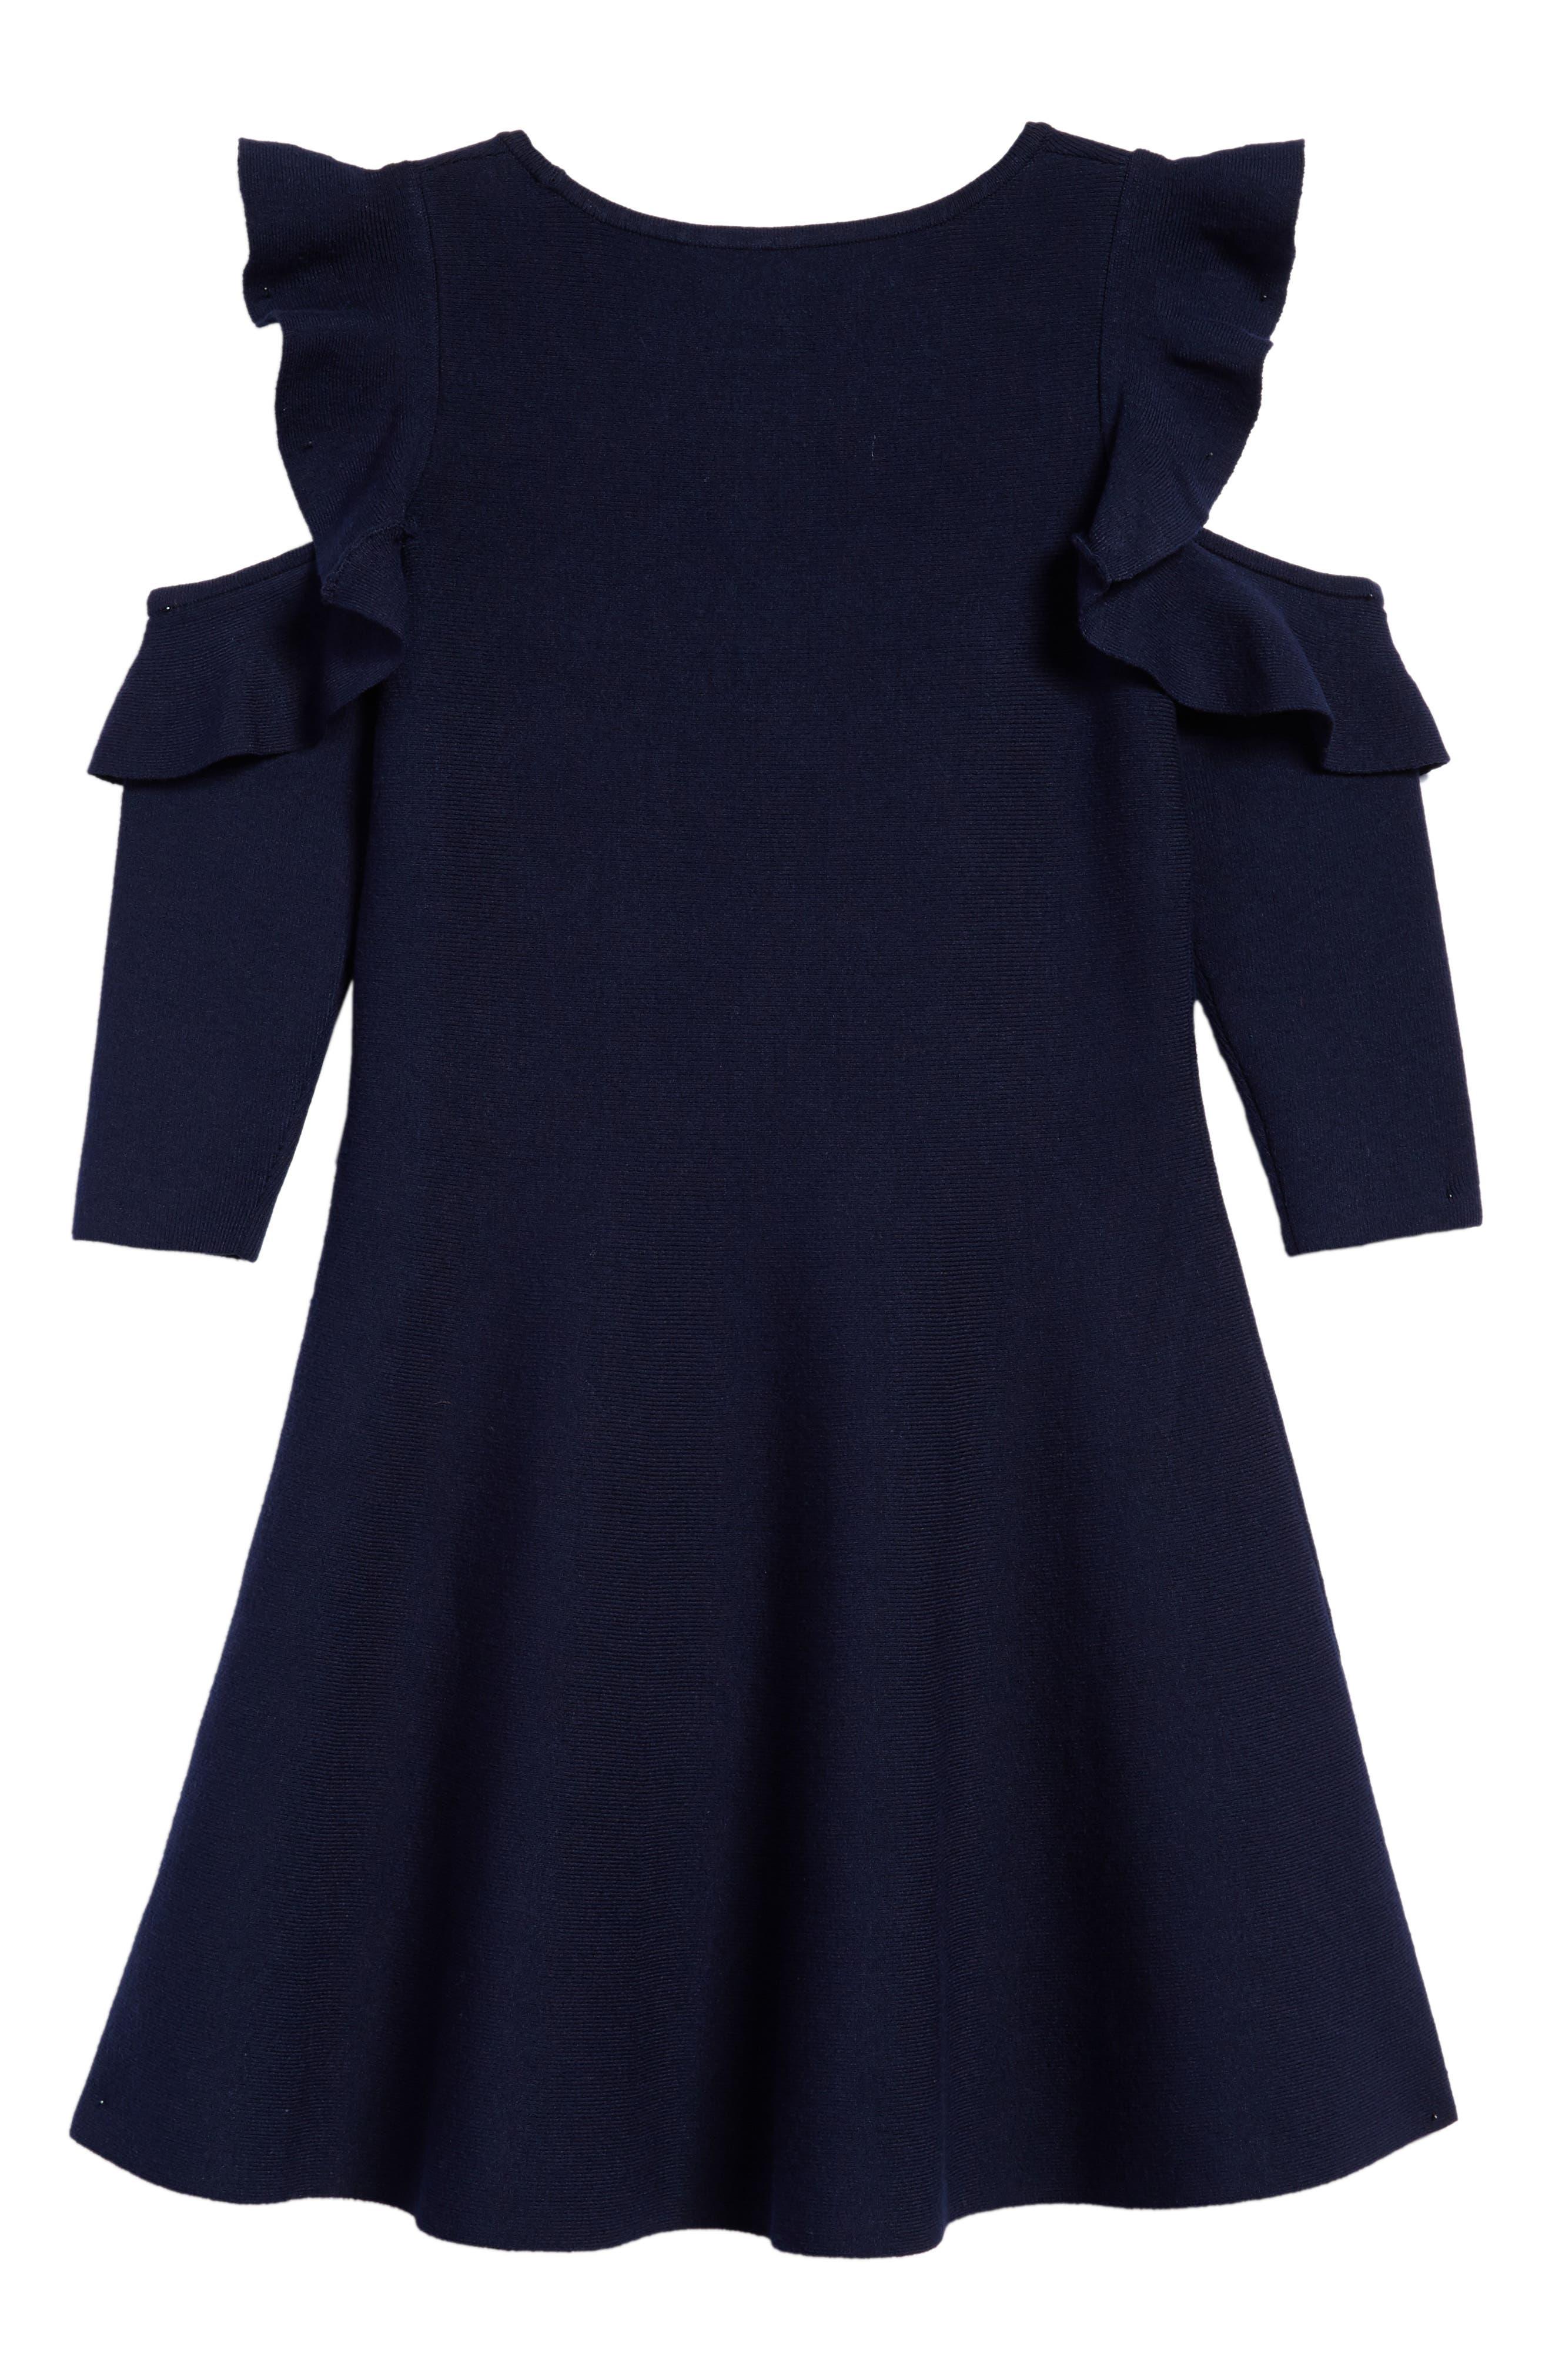 Alternate Image 2  - Milly Minis Cold Shoulder Skater Dress (Big Girls)